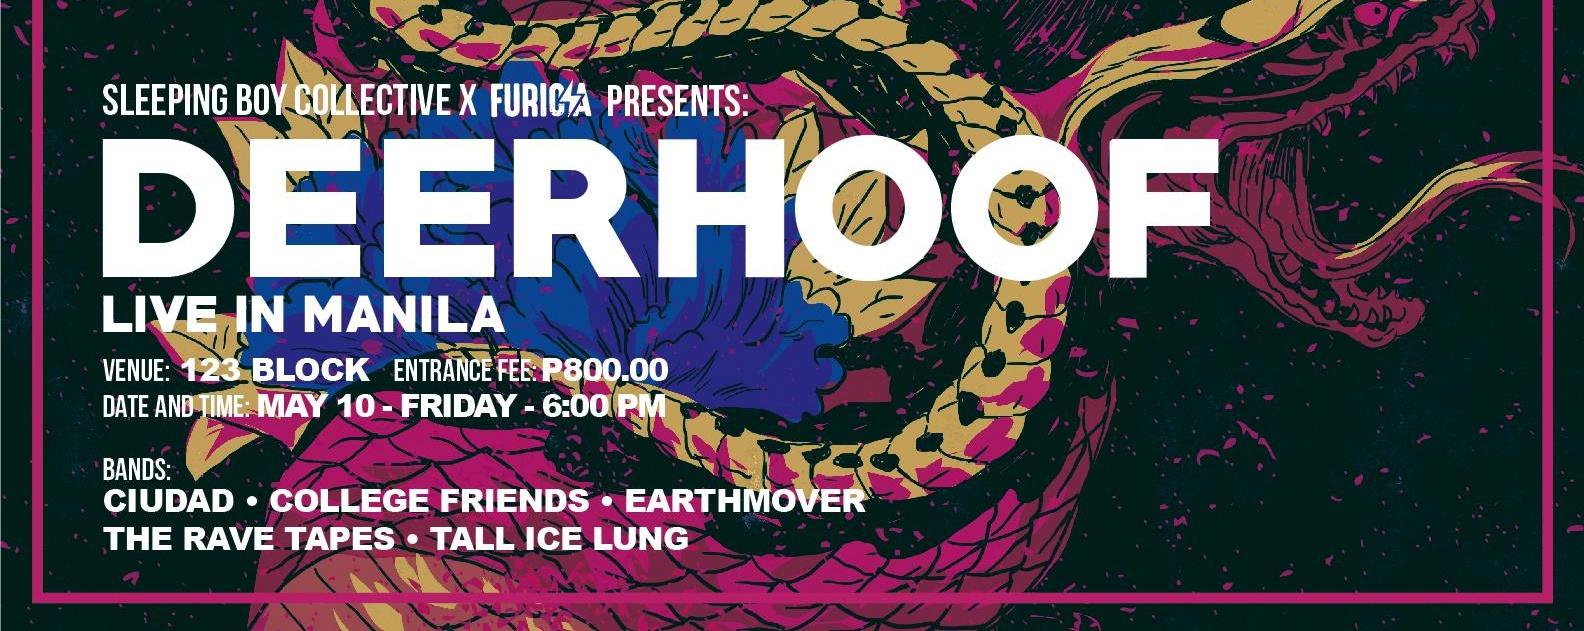 Sleeping Boy Collective X Furiosa: Deerhoof Live in Manila